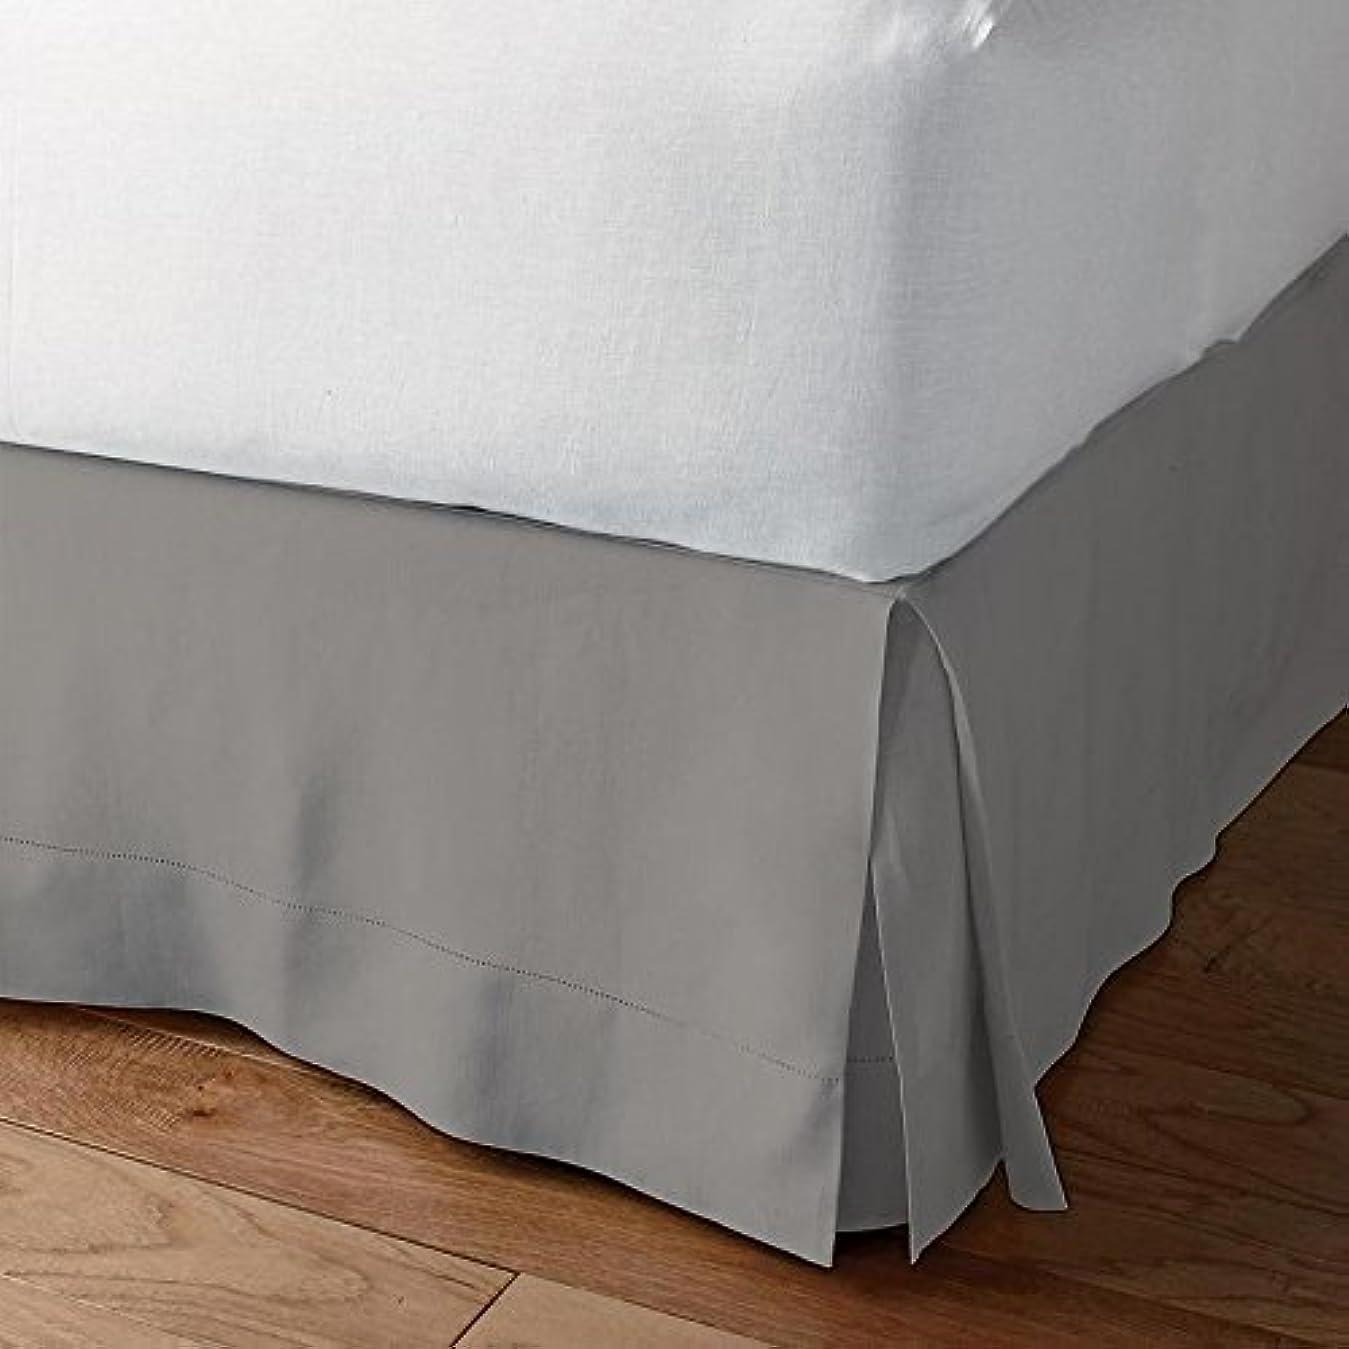 偏見洞察力のある空港ベッドAlter 1000スレッド数豪華な分割コーナーベッドスカート100?%エジプト綿10インチのドロップソリッドすべてのサイズと29色) フル シルバー 1SCBADBSSO2410TCASilverF